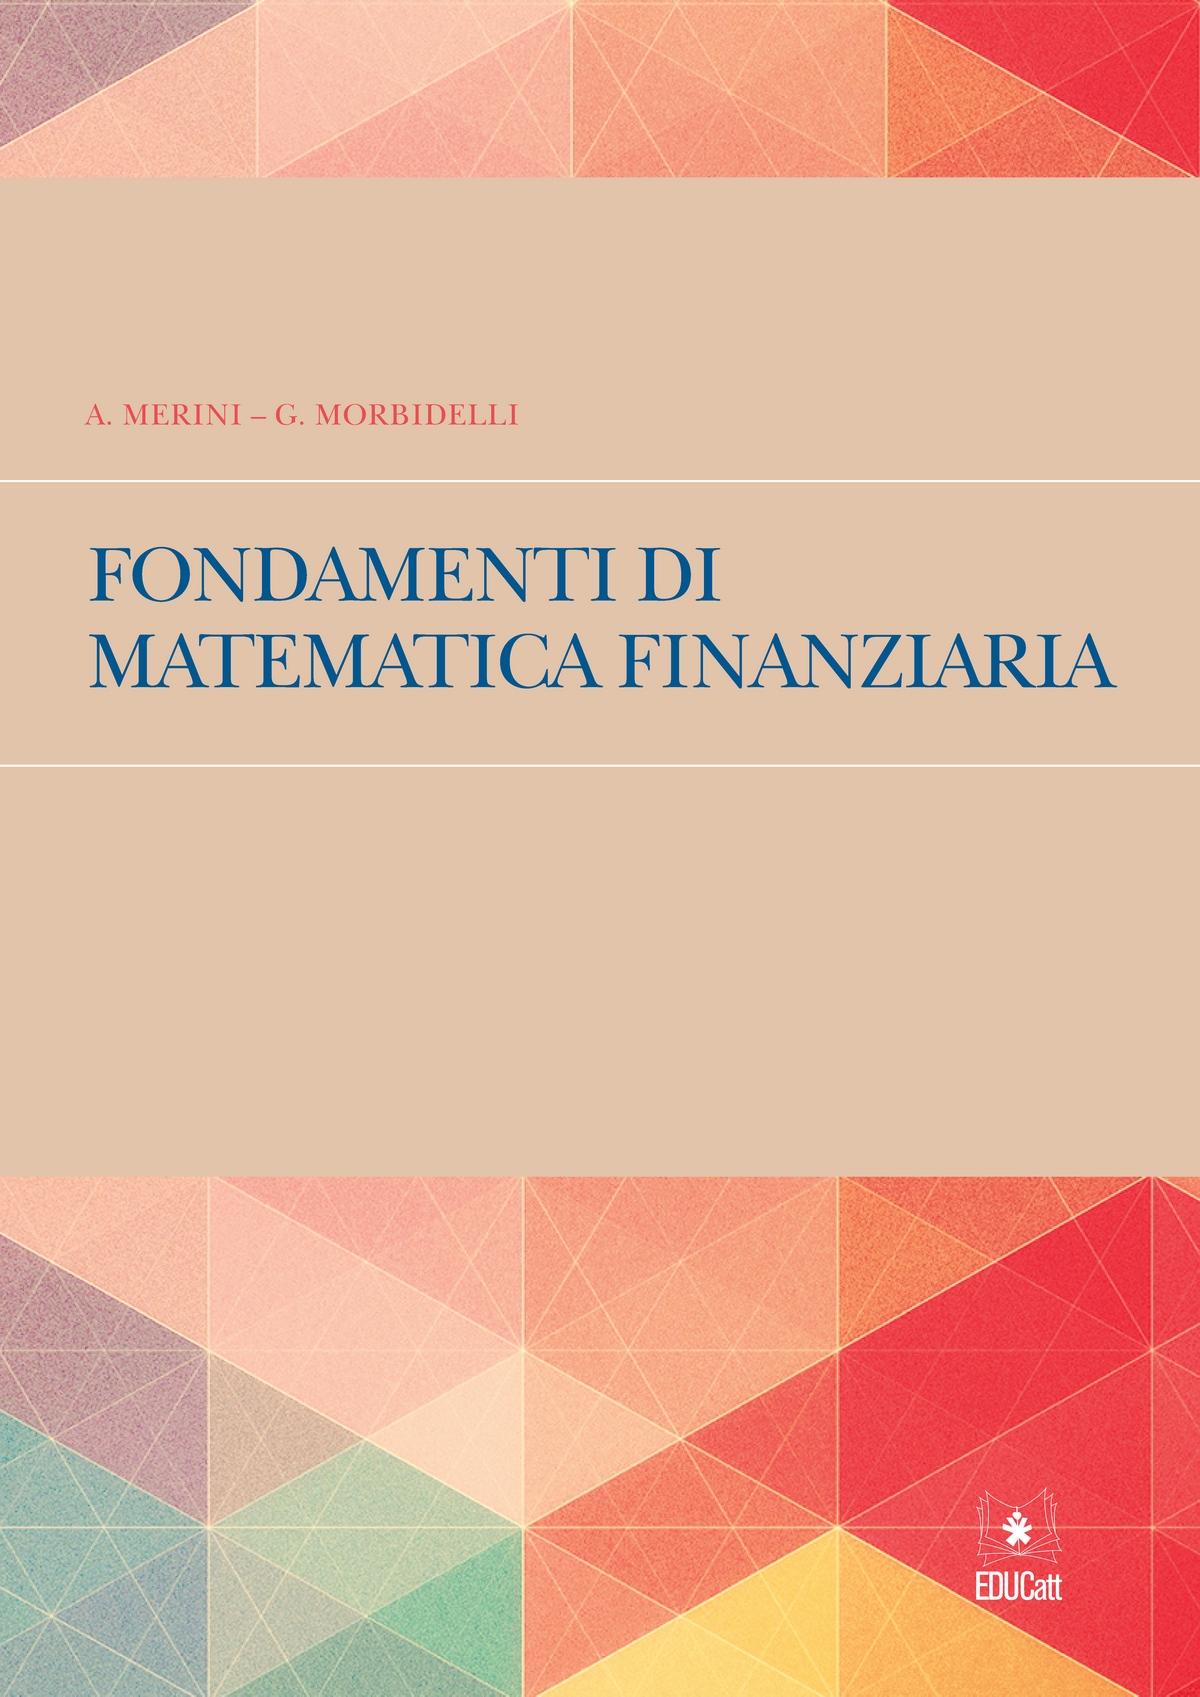 FONDAMENTI DI MATEMATICA FINANZIARIA